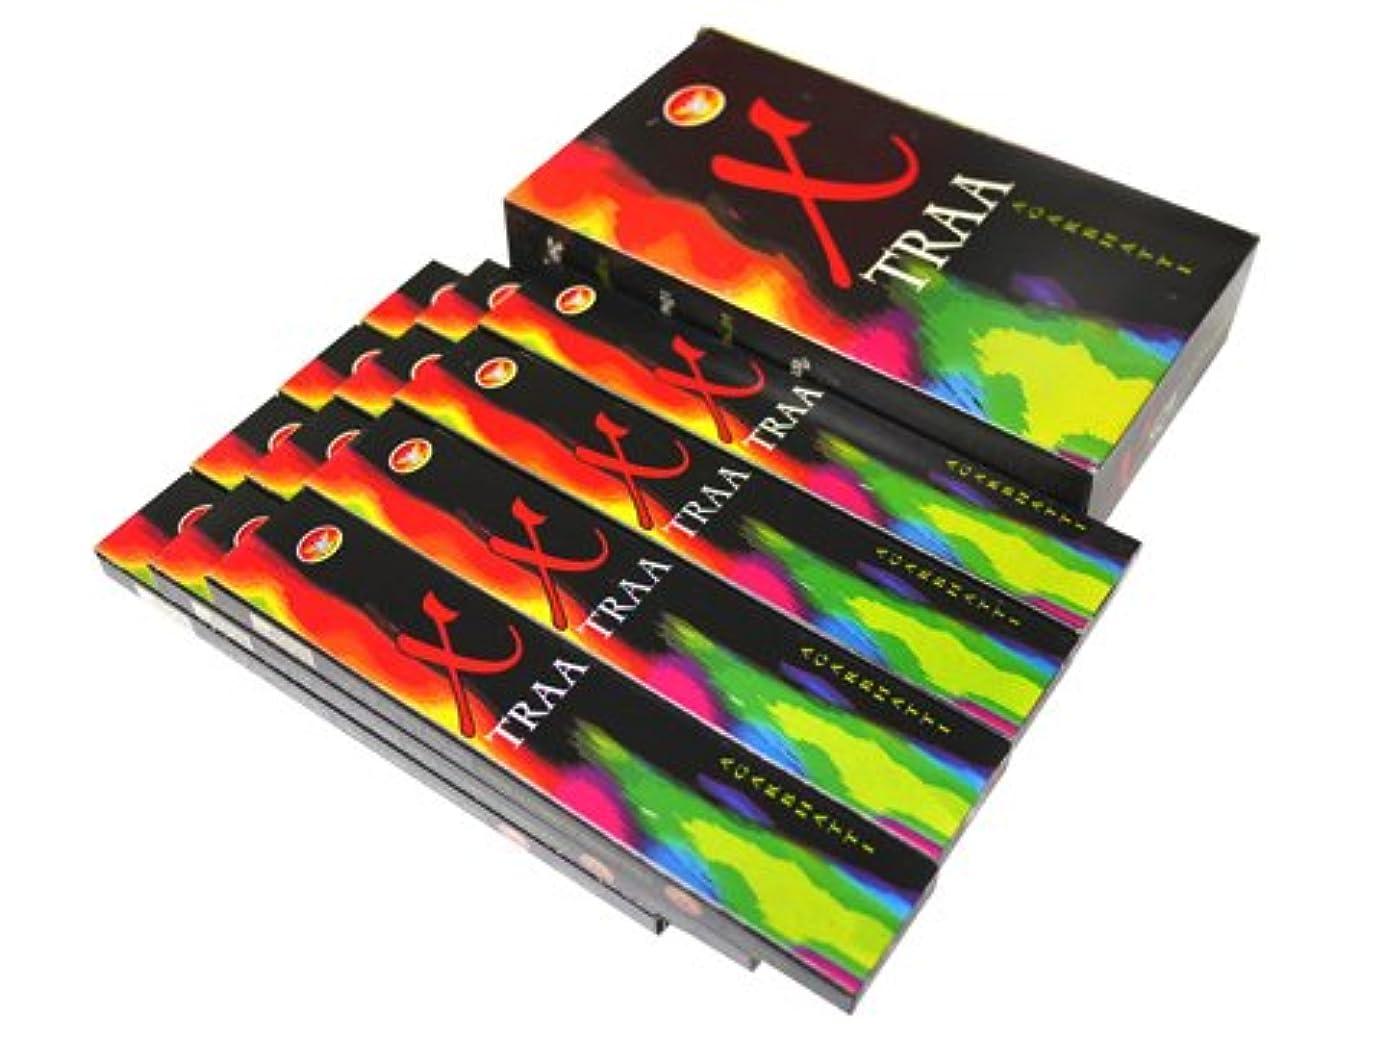 汚い染色多様性GAJALAKSHMI(ガジャーラクシュミー) Xタラ香 スティック X TRAA 12箱セット